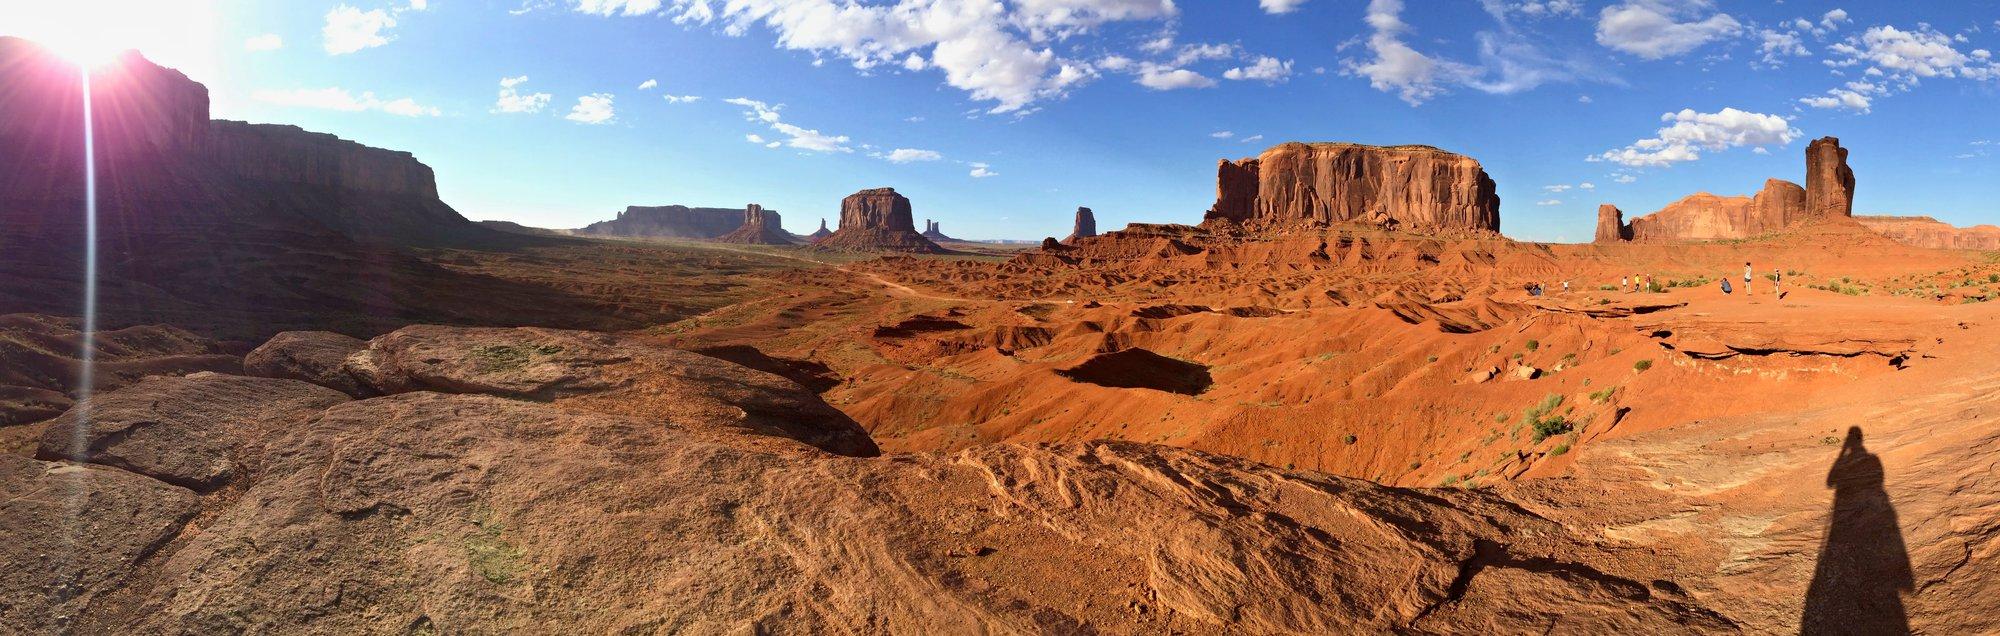 photogenic landscape